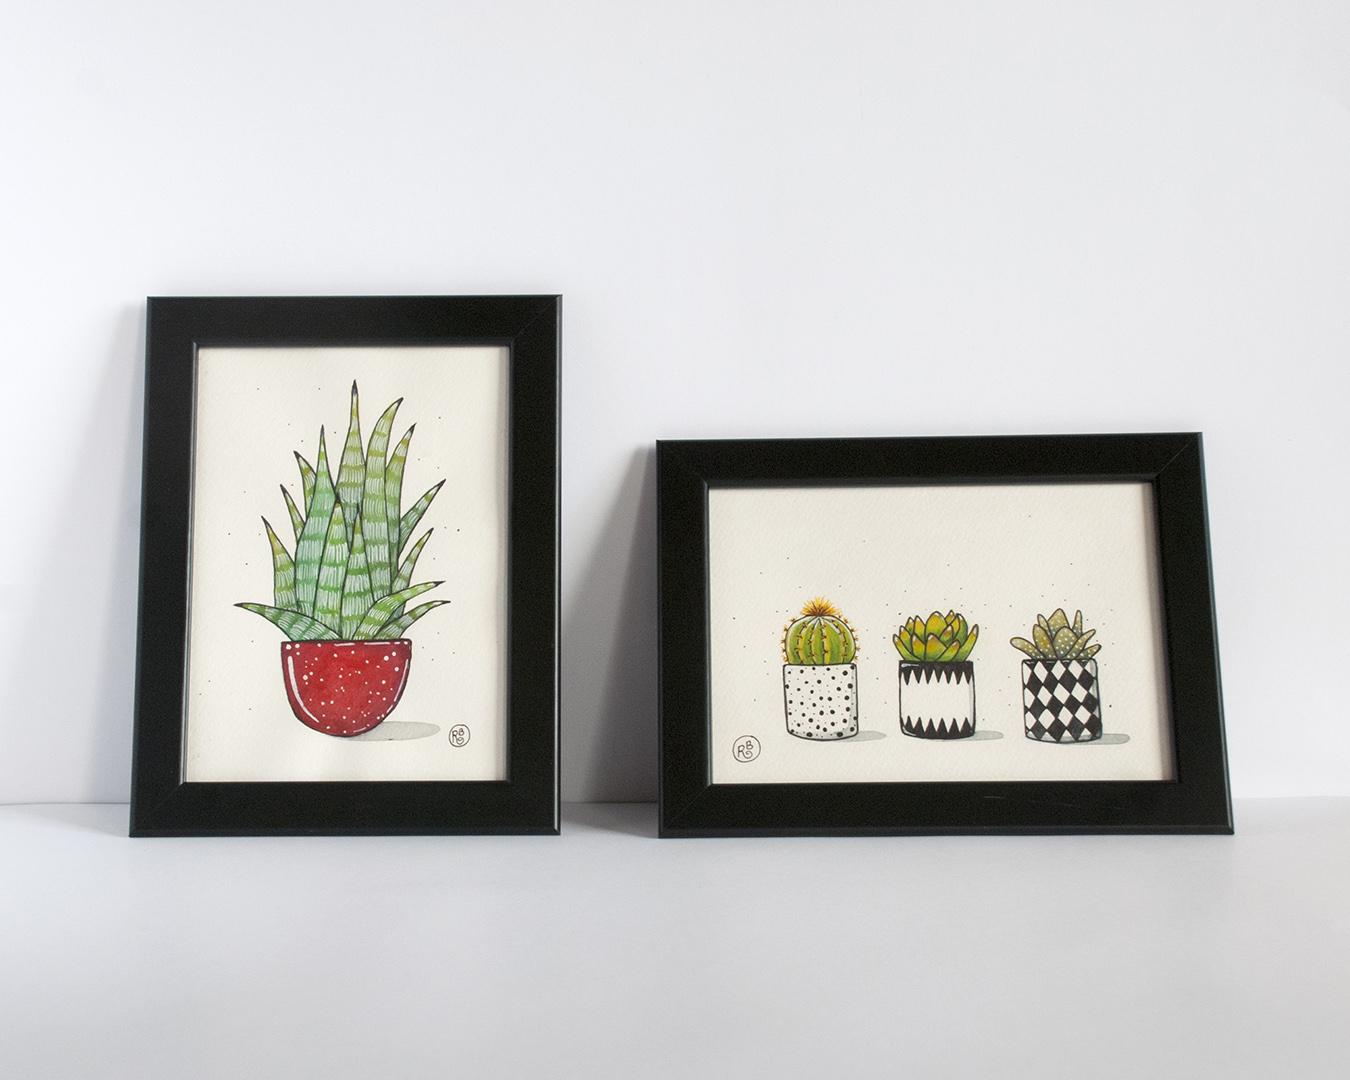 acuarelas de cactus